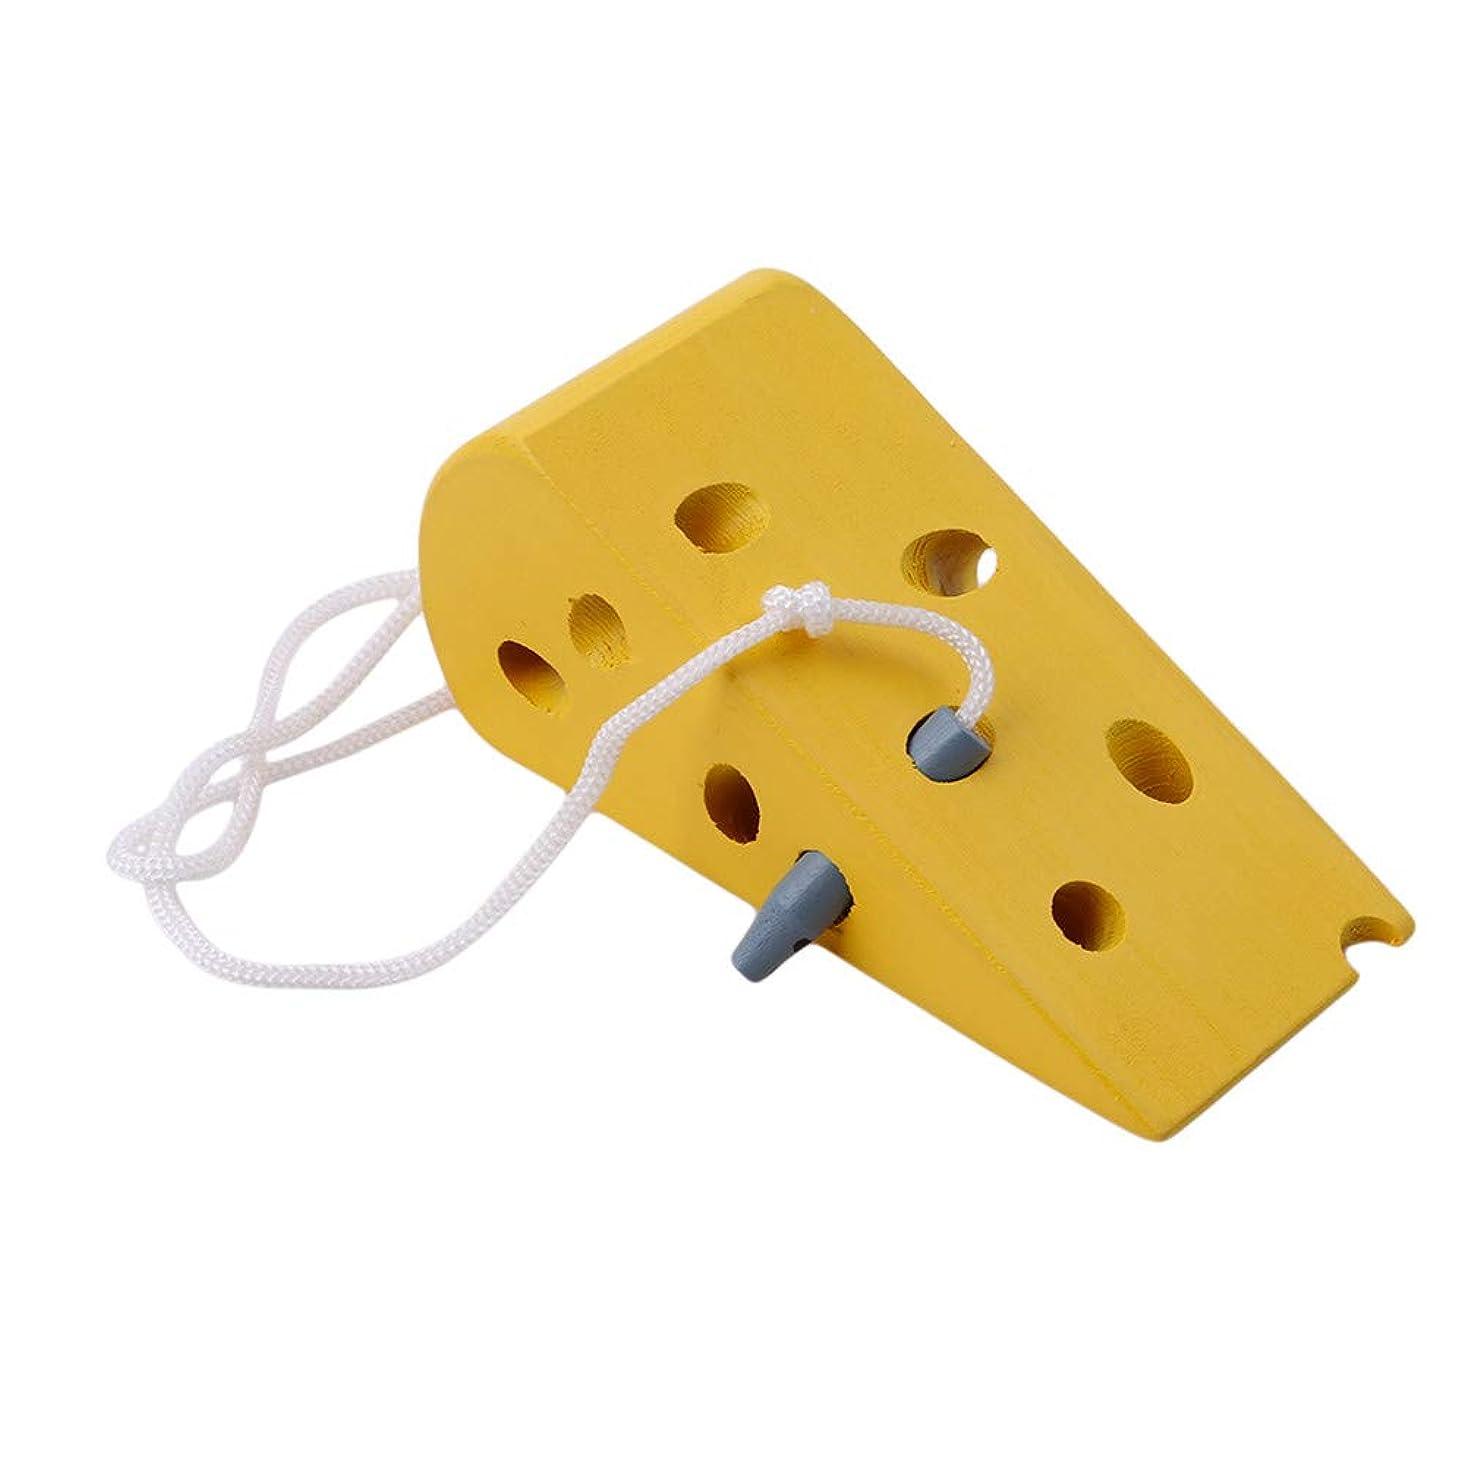 テニスカレンダー丁寧LJSLYJ モンテッソーリ 教育 キャタピラー 食べる のチーズのフルーツおもちゃ 幼児と子供 木製 早期 知育玩具(チーズ)